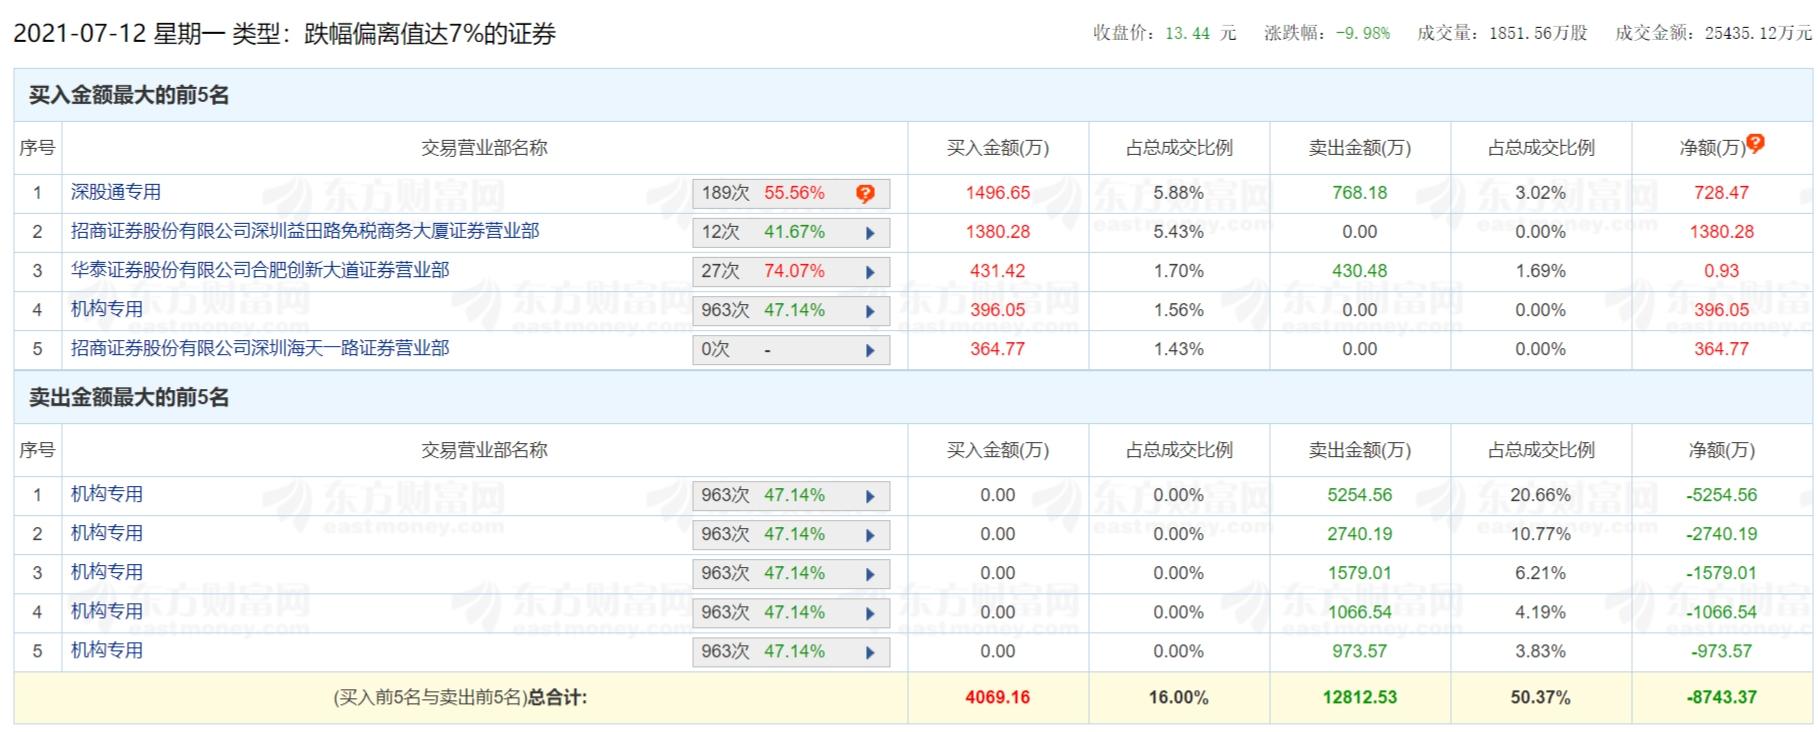 7月12日华夏航空股票交易情况